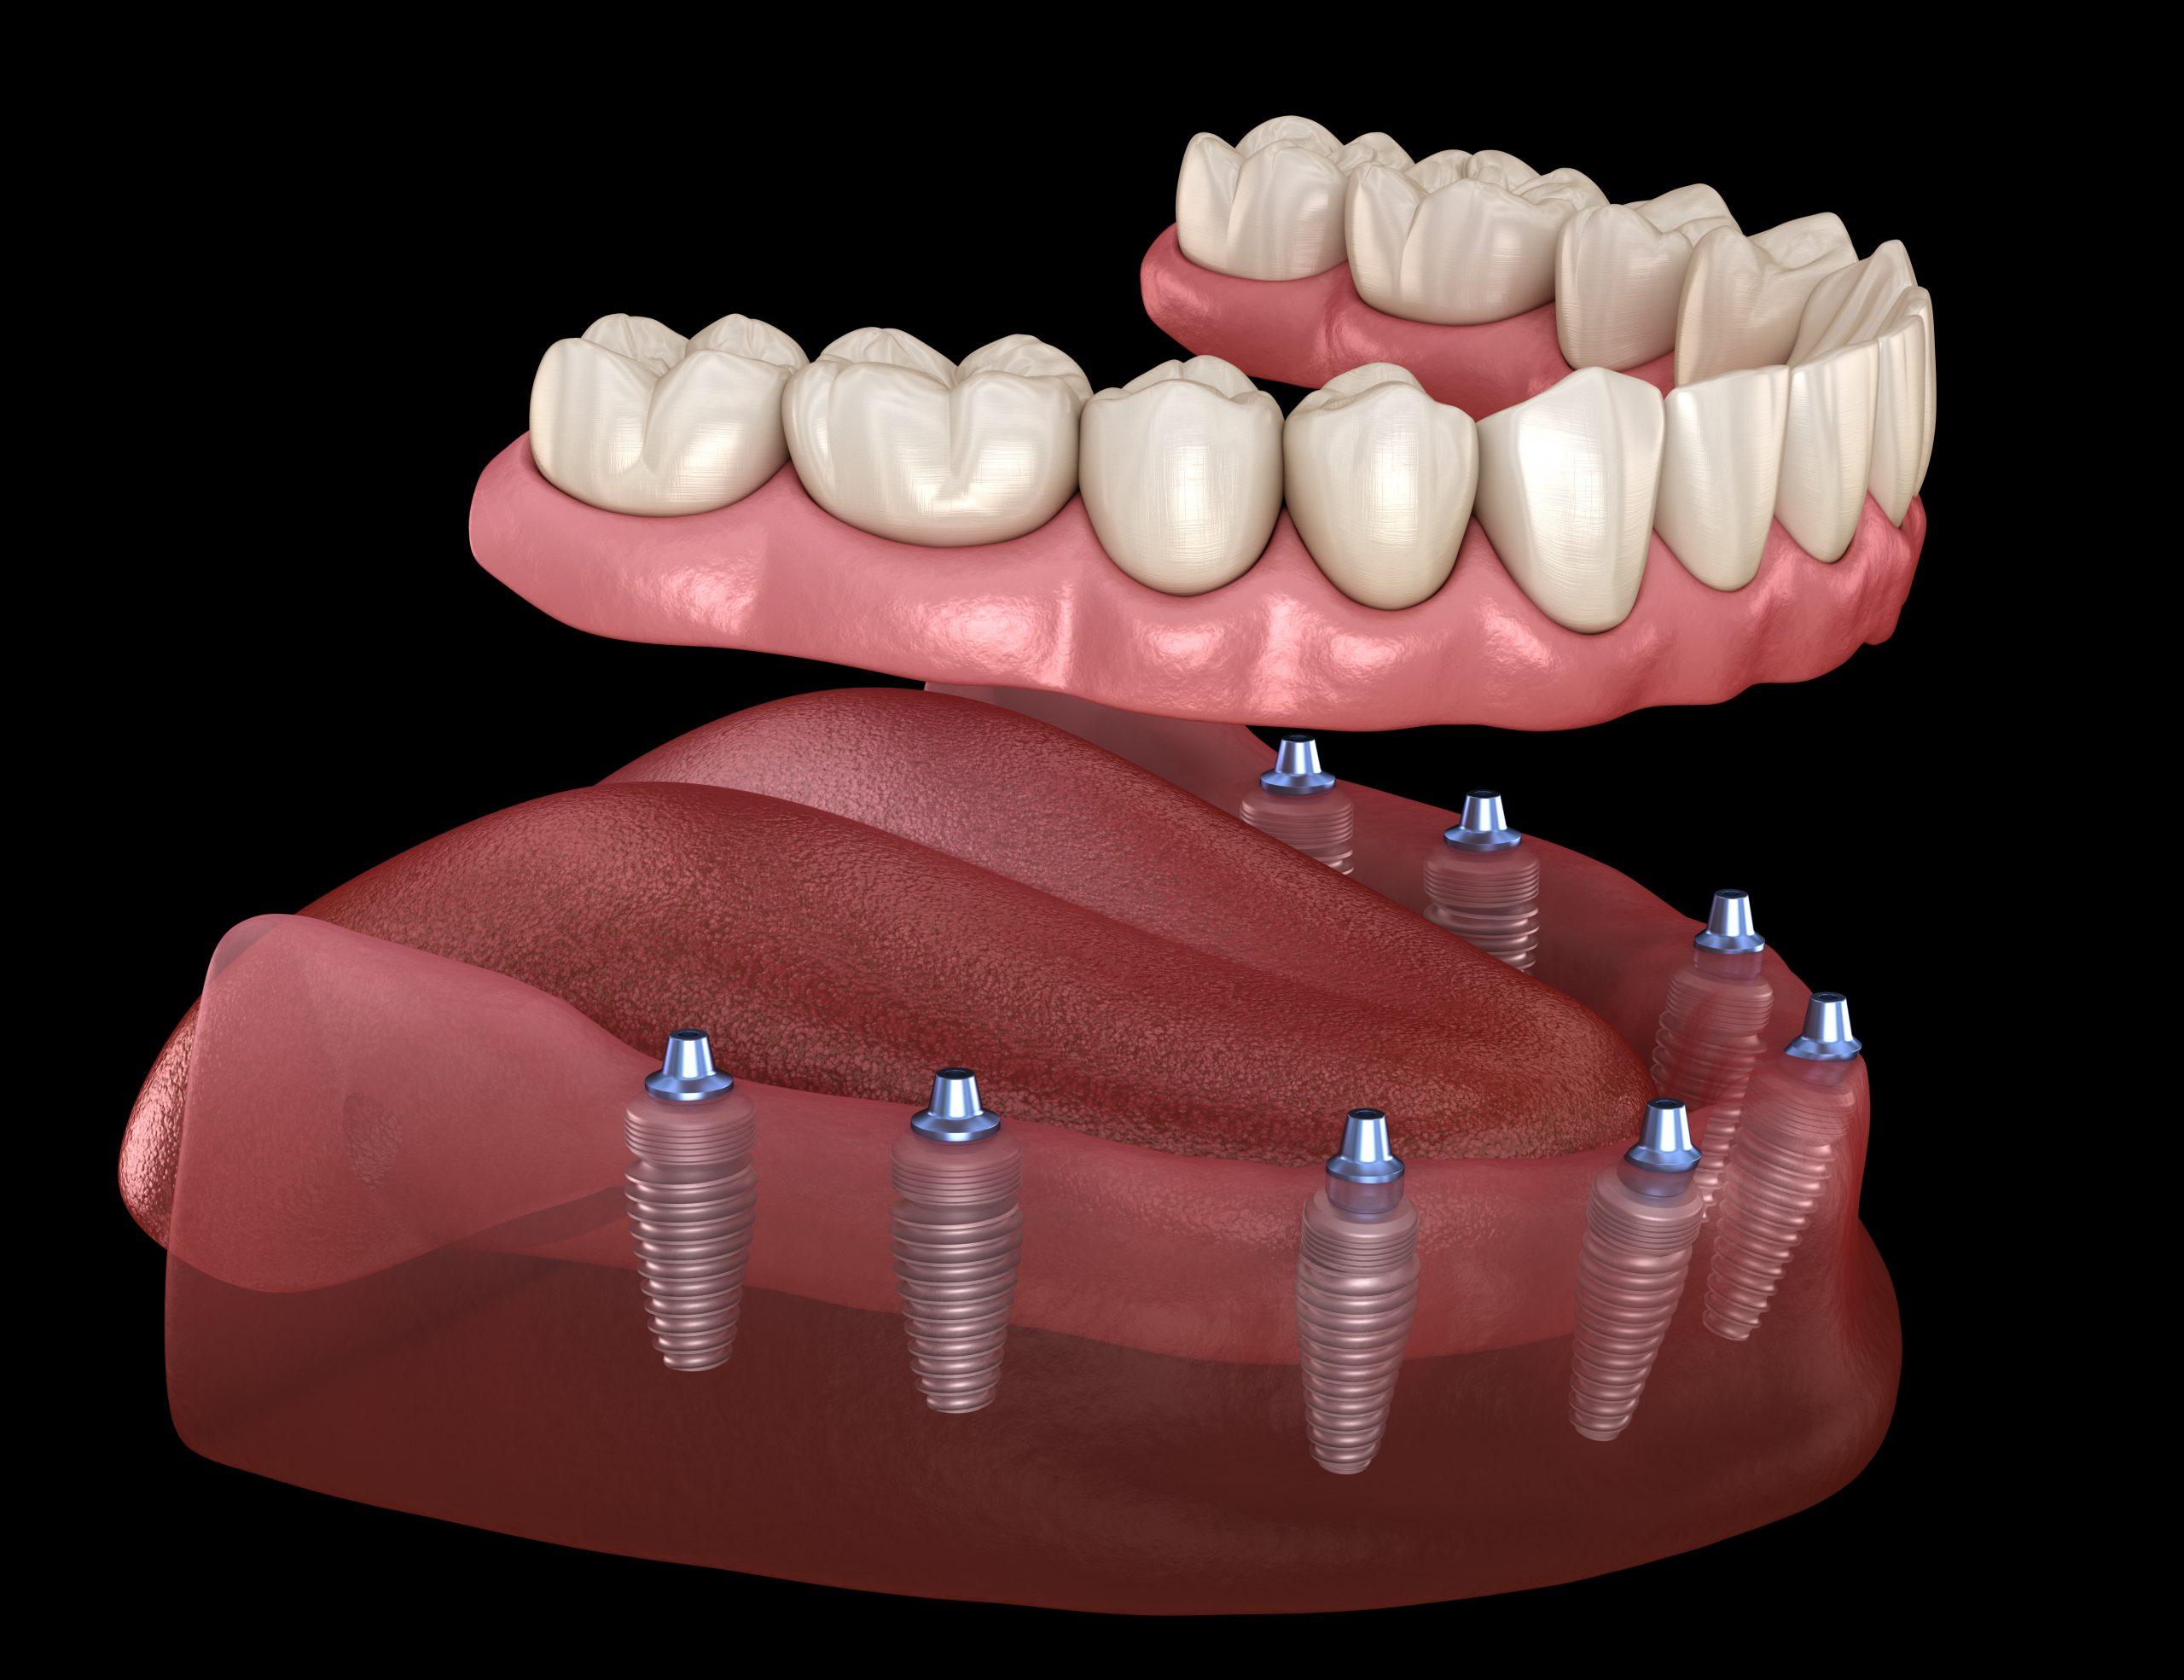 protese total dentaria computadorizada